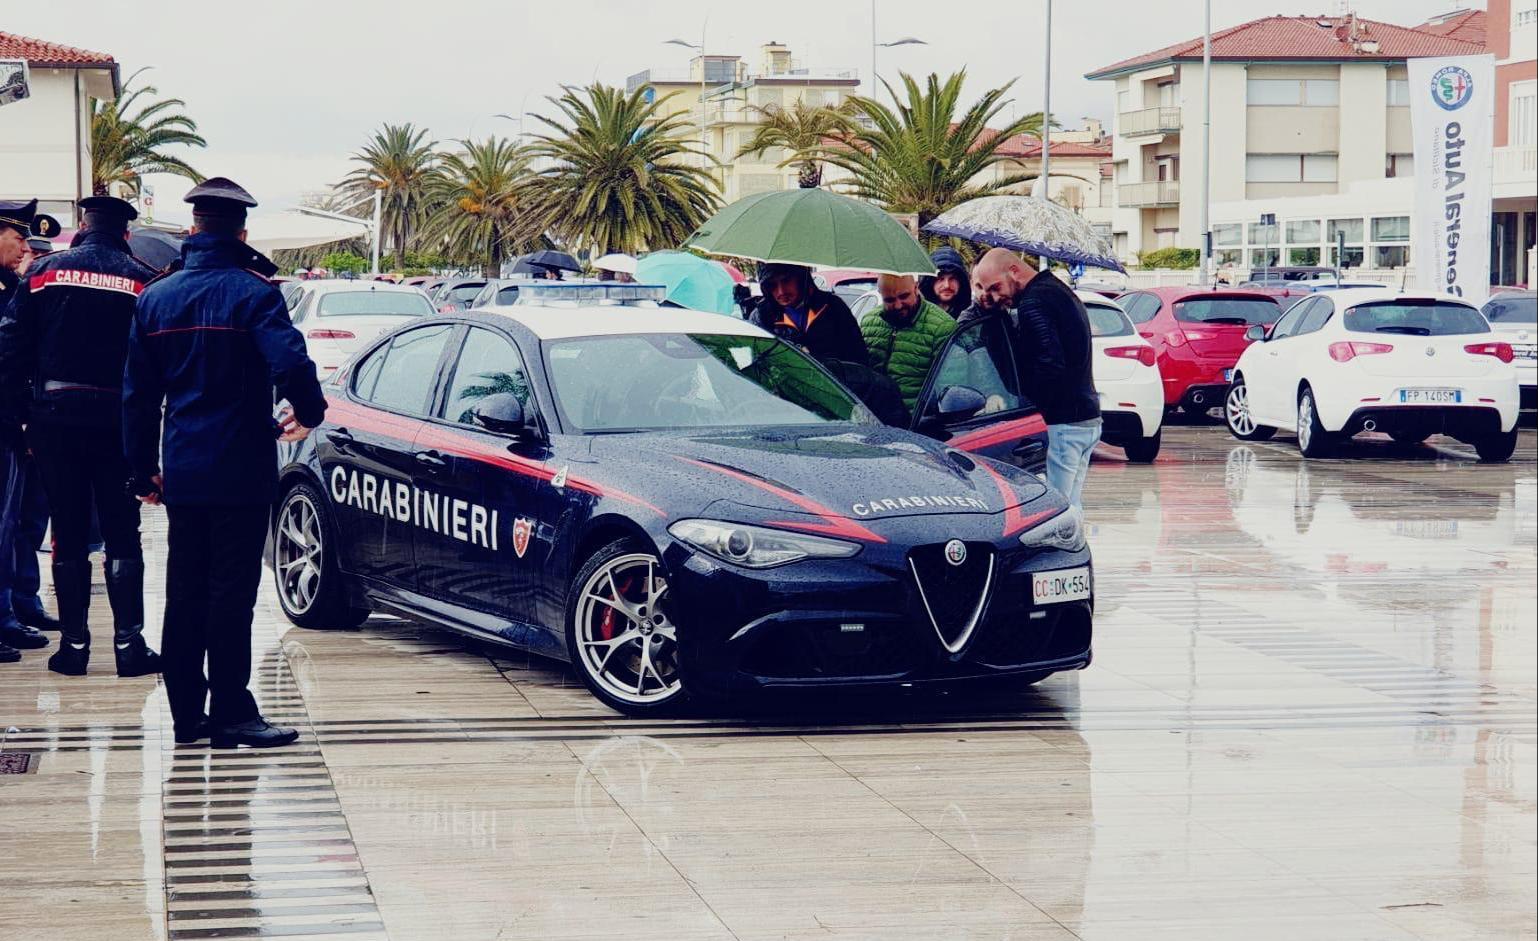 Carabinieri in Versilia con l'Alfa Romeo Giulia Quadrifoglio Verde, in dotazione al Nucleo Radiomobile di Roma